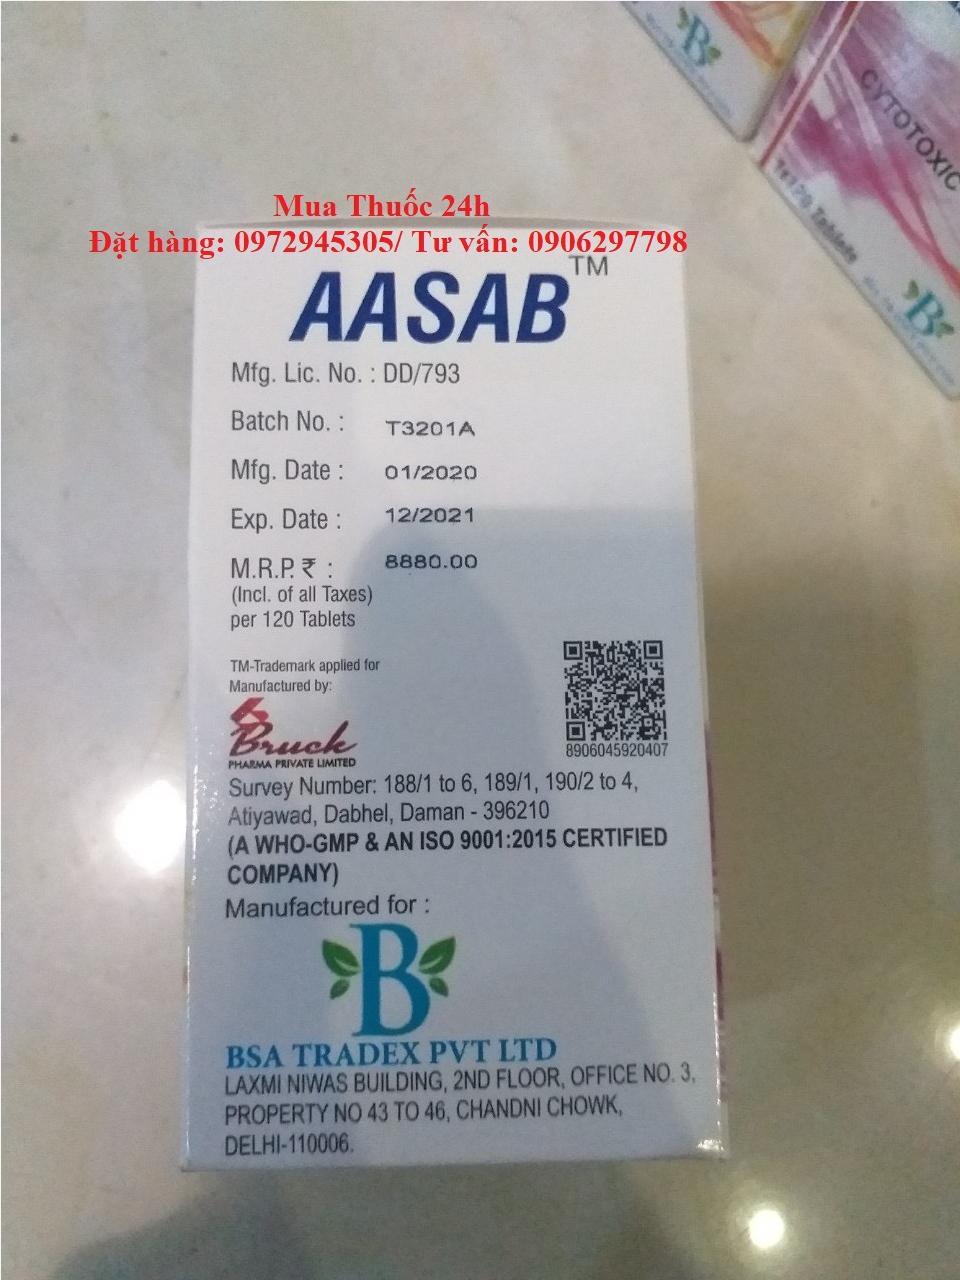 Thuốc AASAB sorafenib 200mg giá bao nhiêu mua ở đâu?